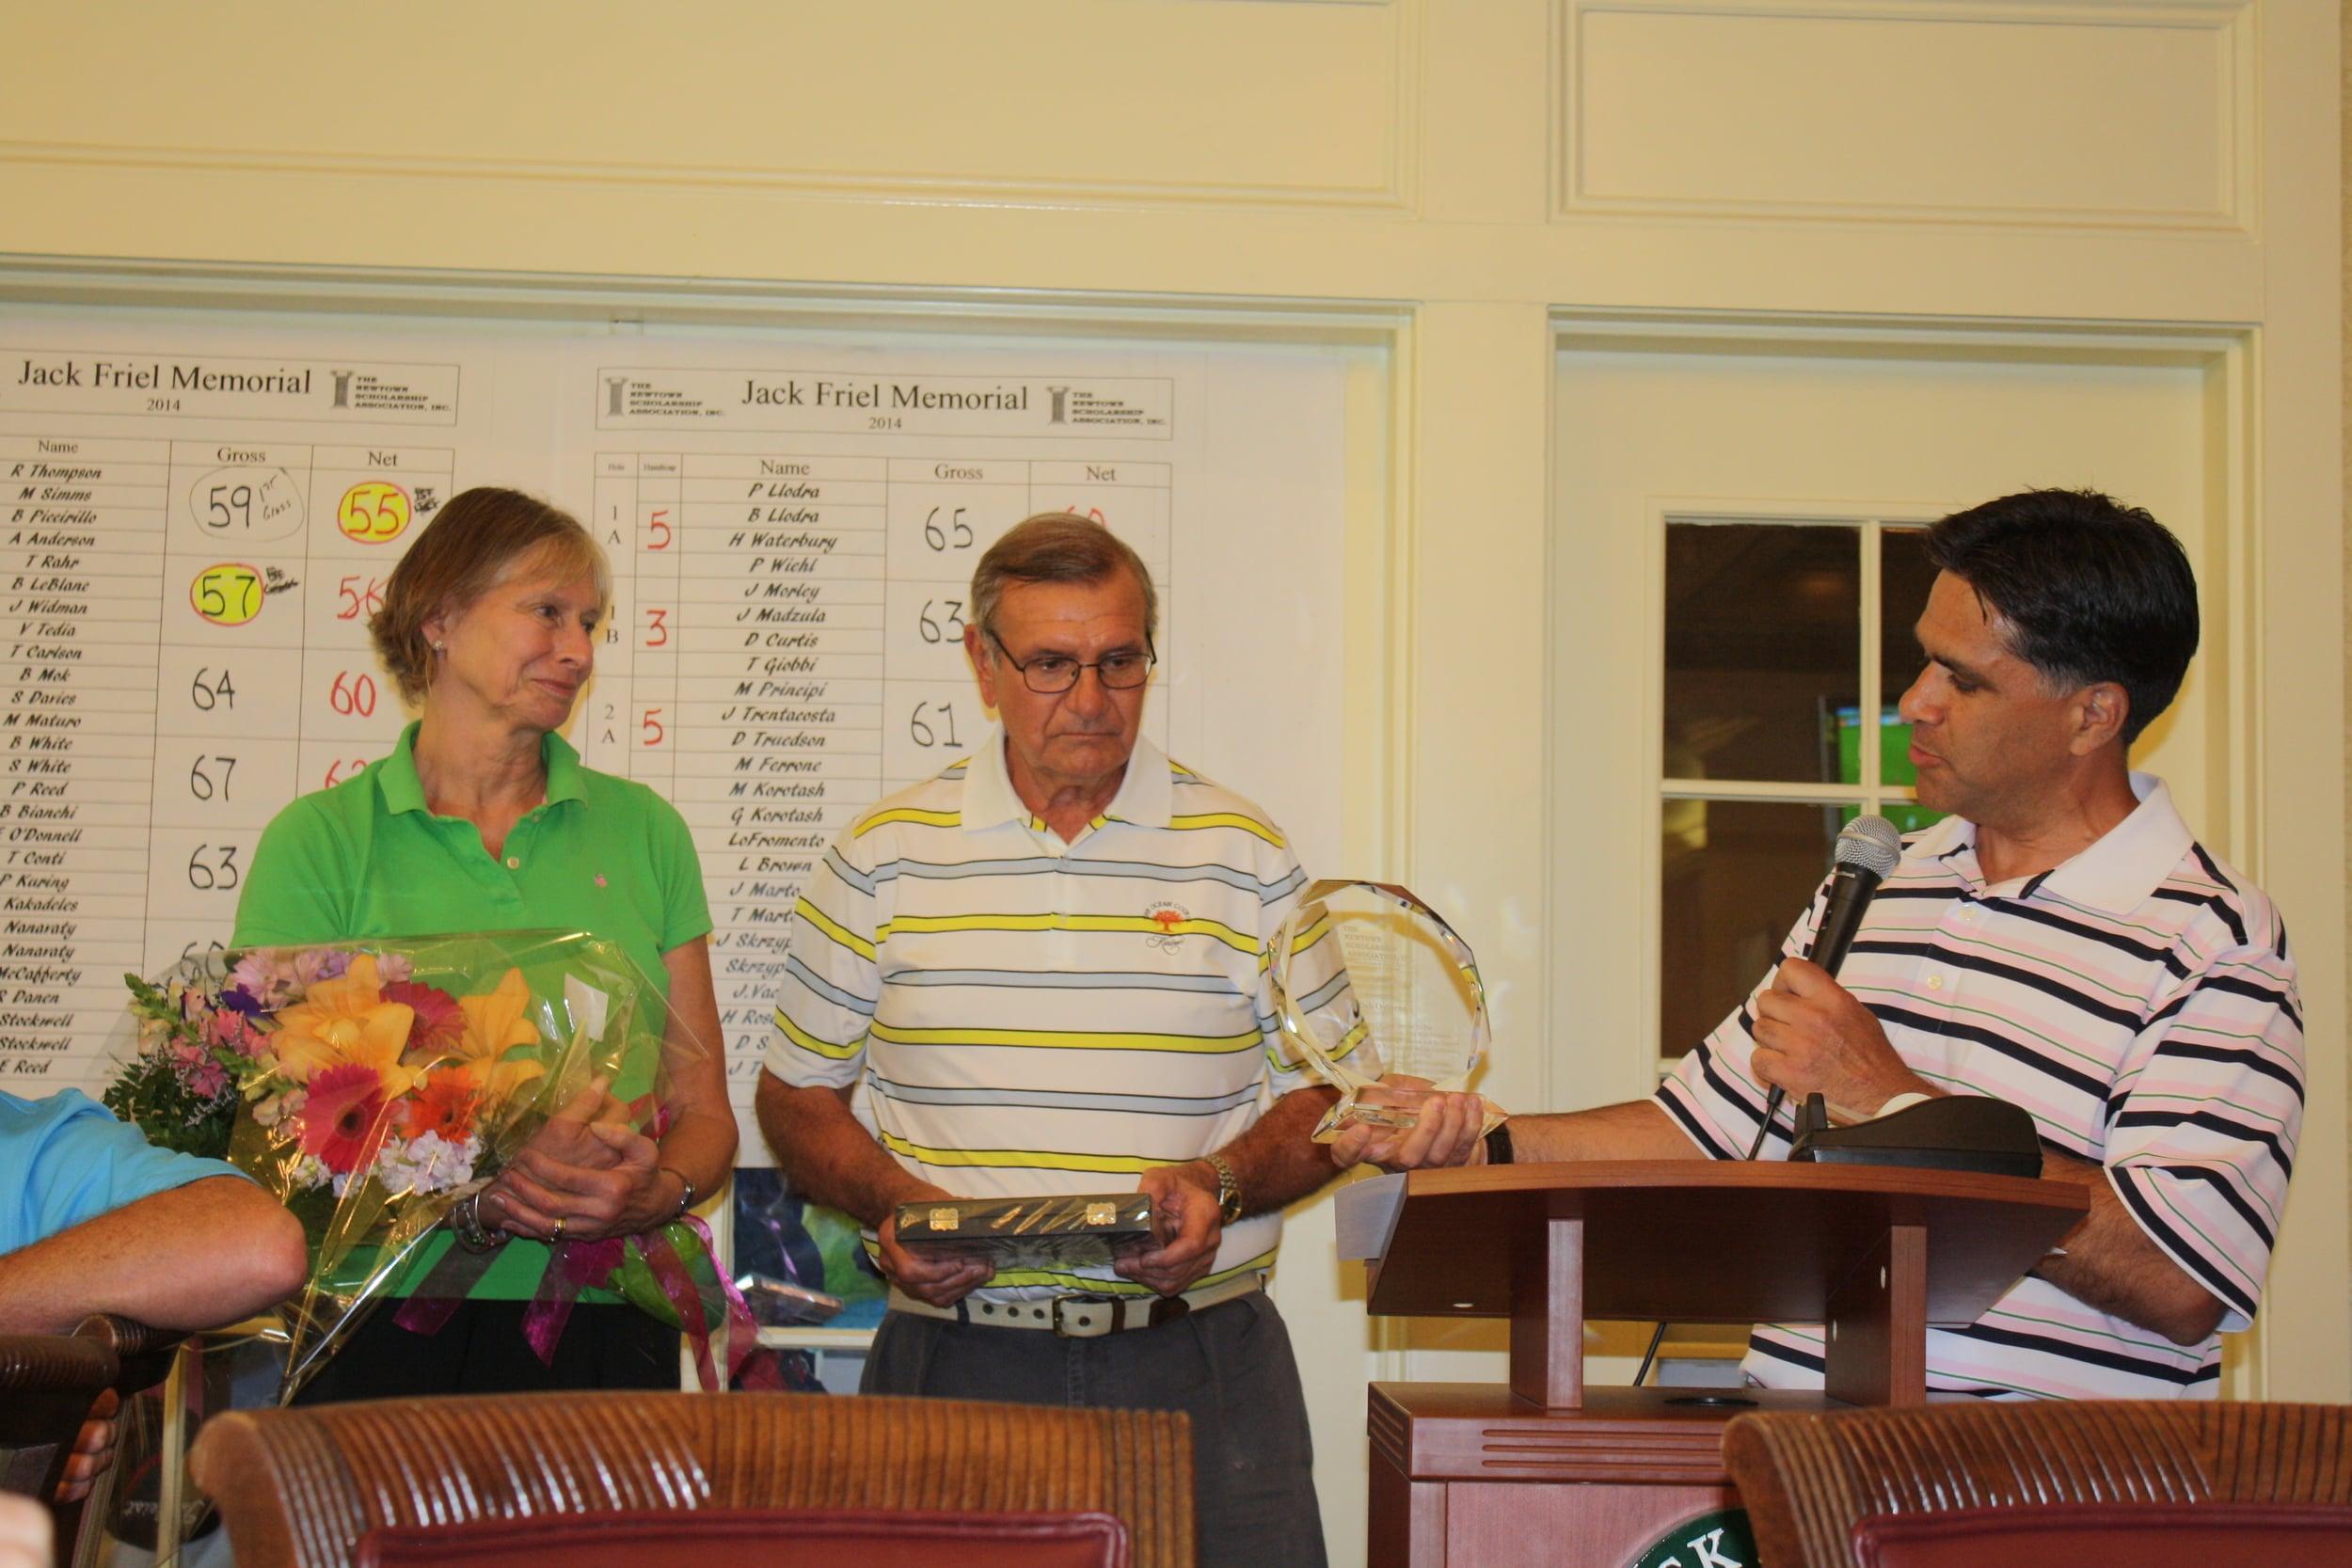 061614 rrcc golf dinner recogognition Osborne Korotash 5471.JPG